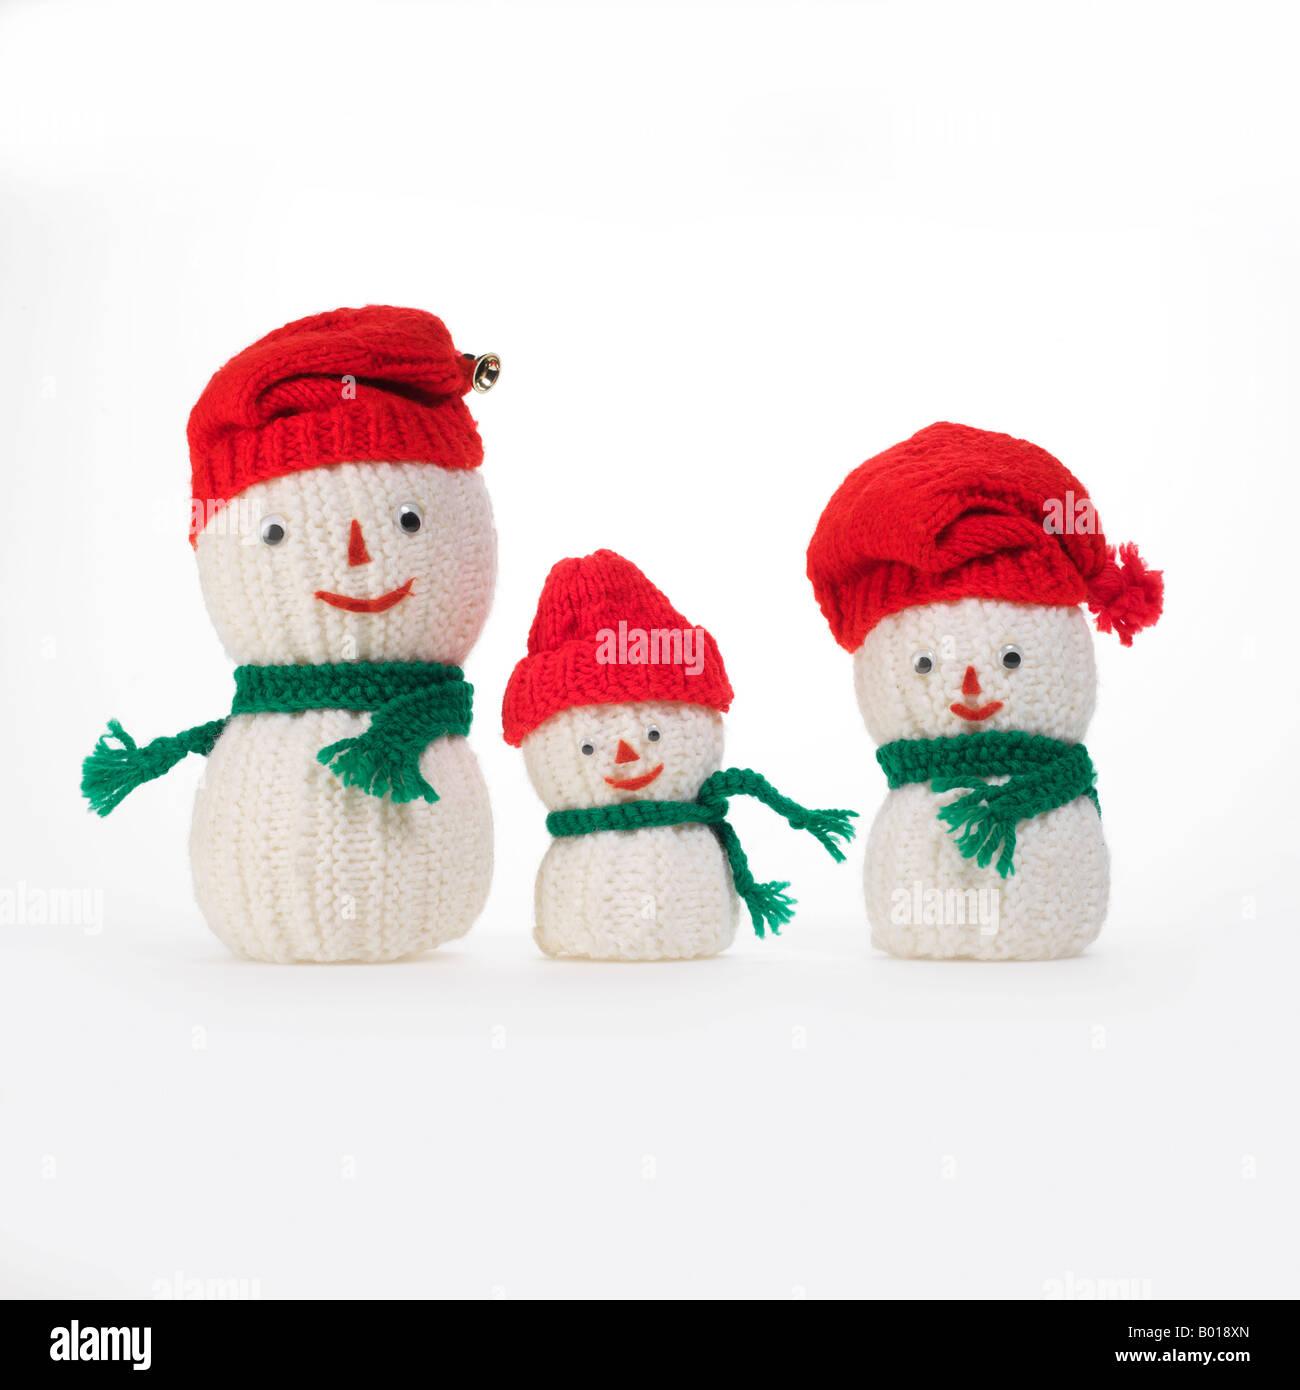 3 knit bonhommes de famille avec des bonnets rouges et verts foulards Photo Stock